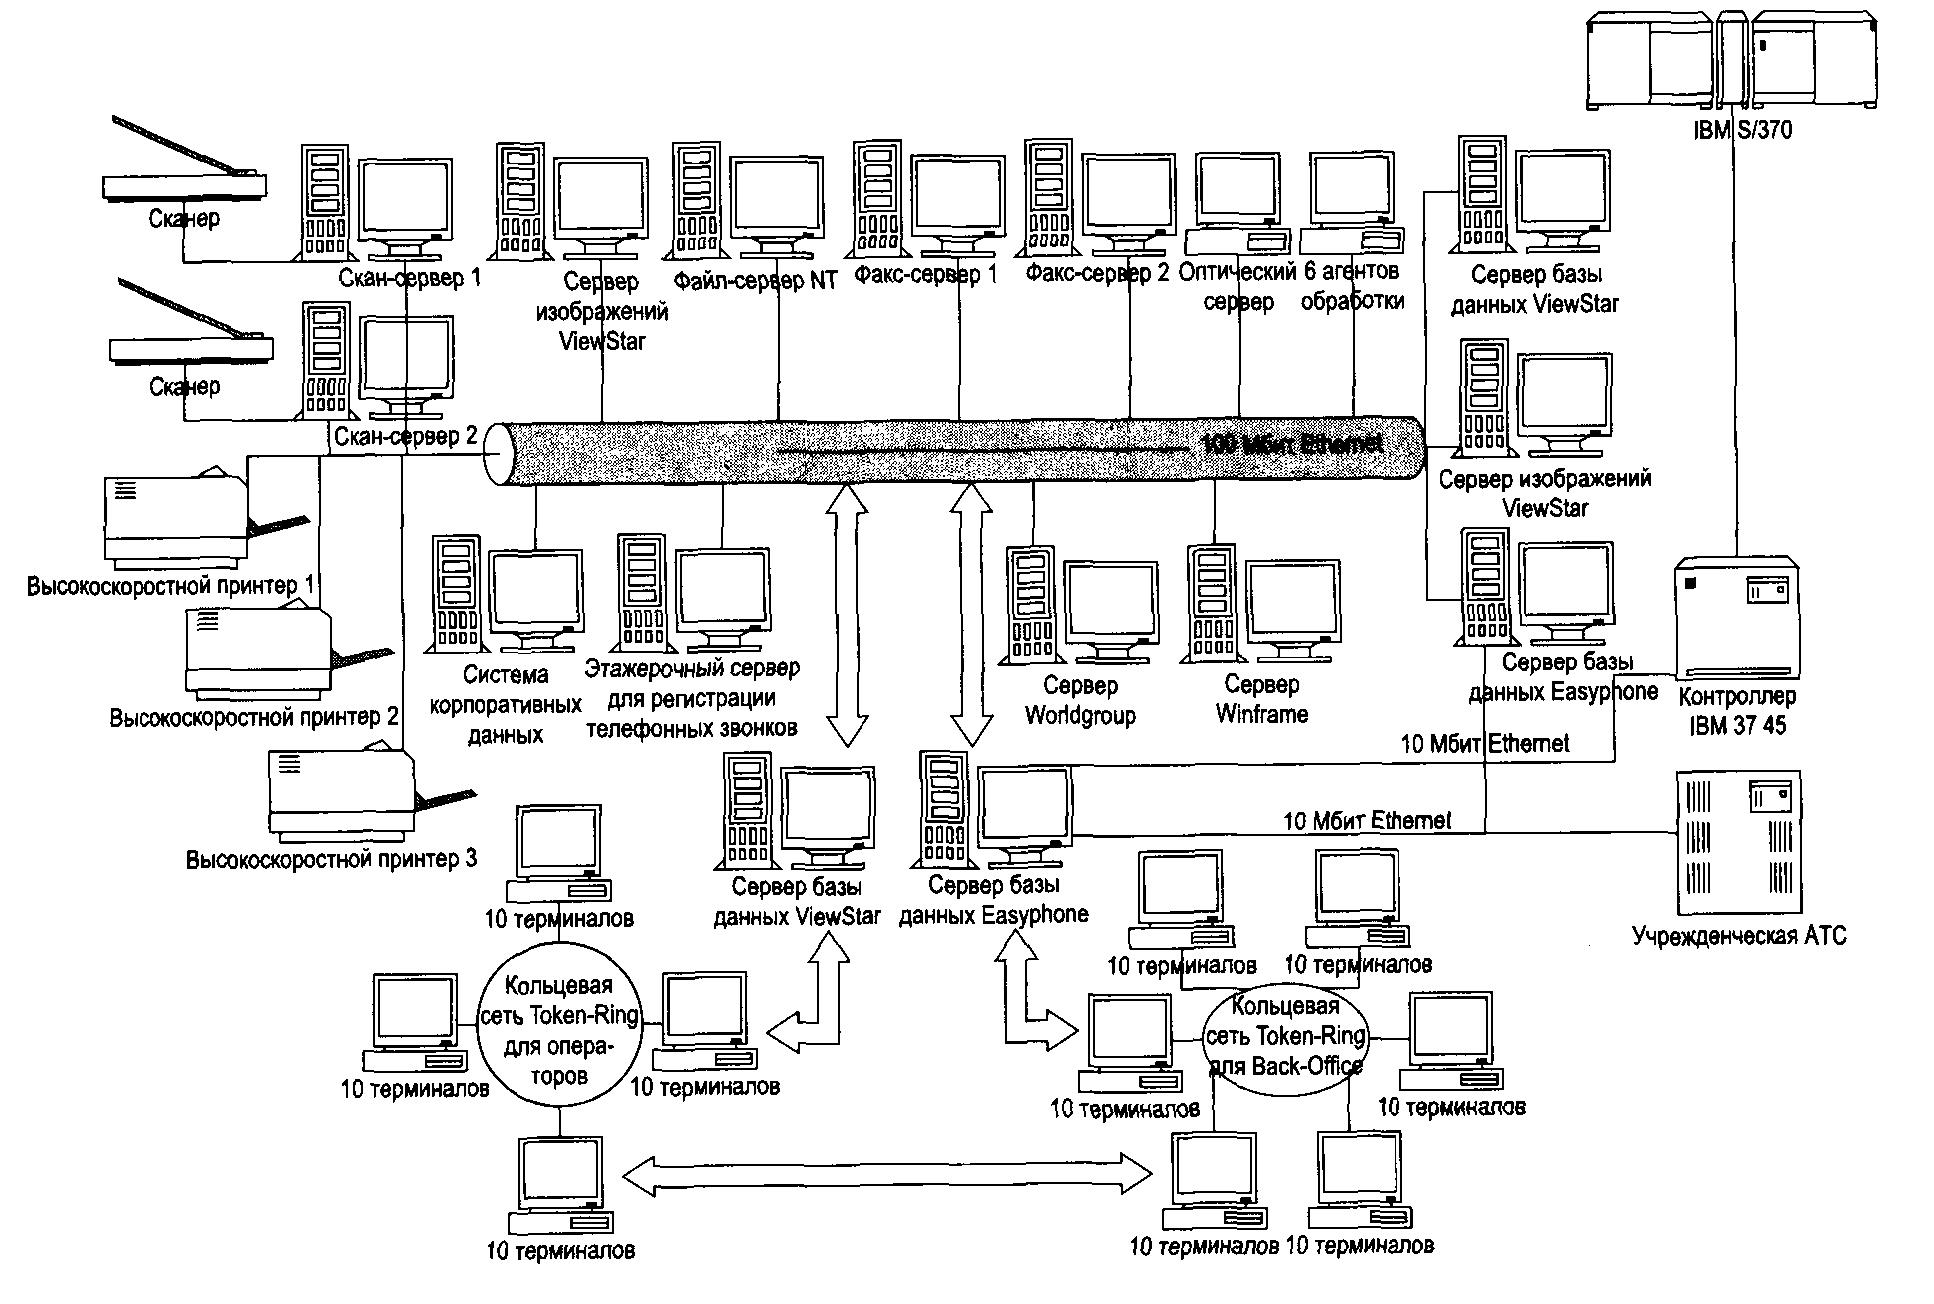 блок схема прямого обмена в vb